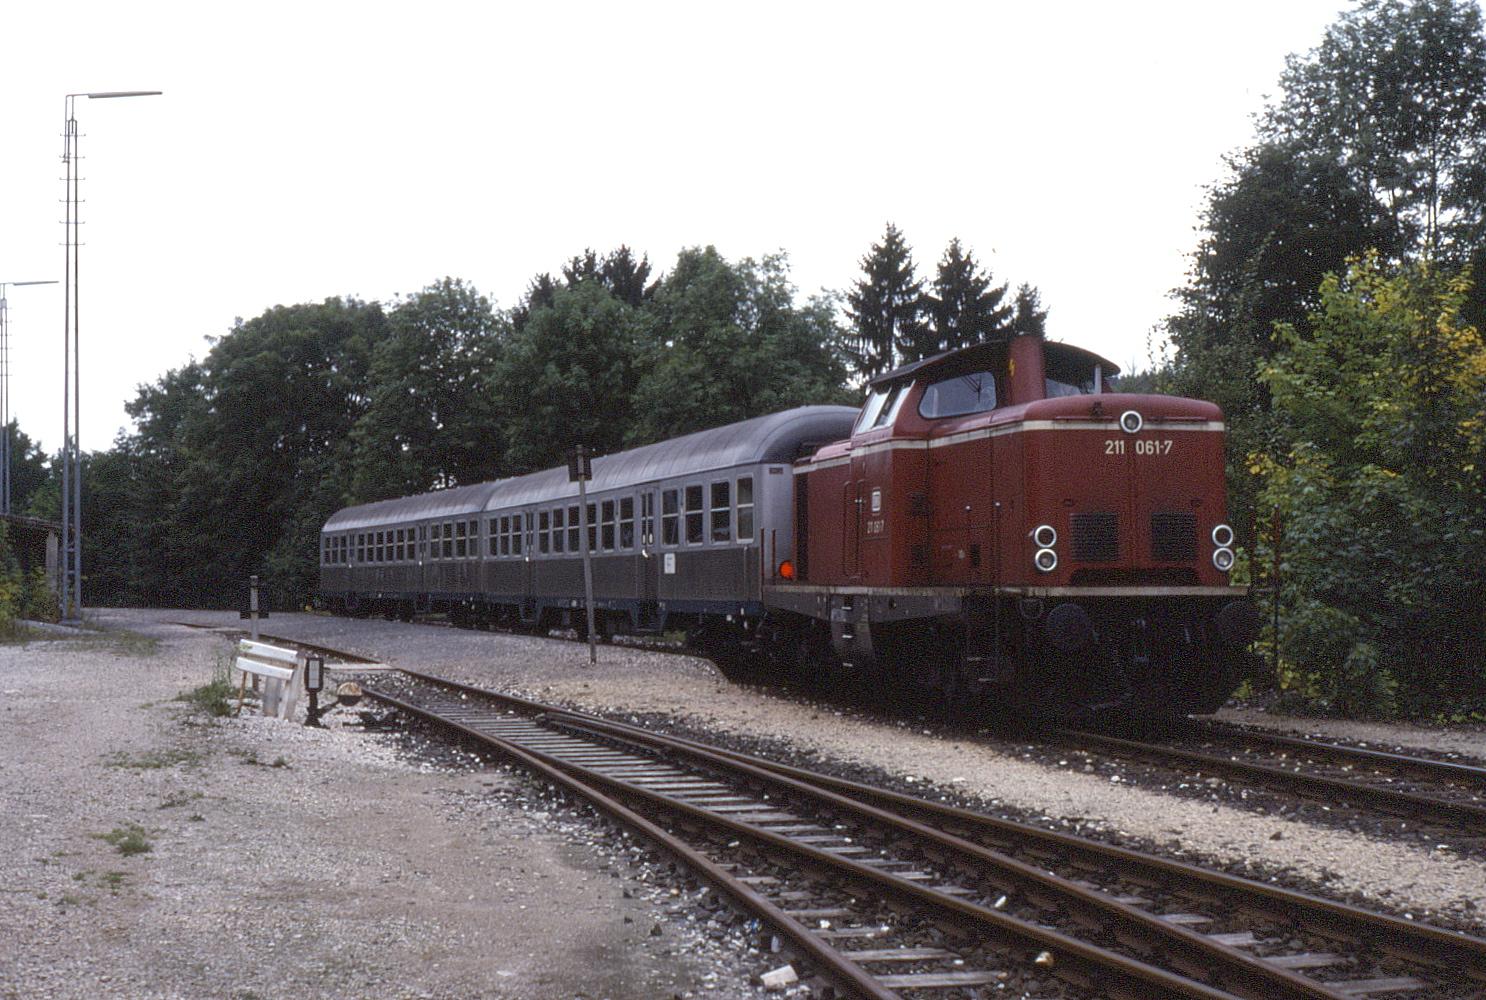 DB-Baureihe 211